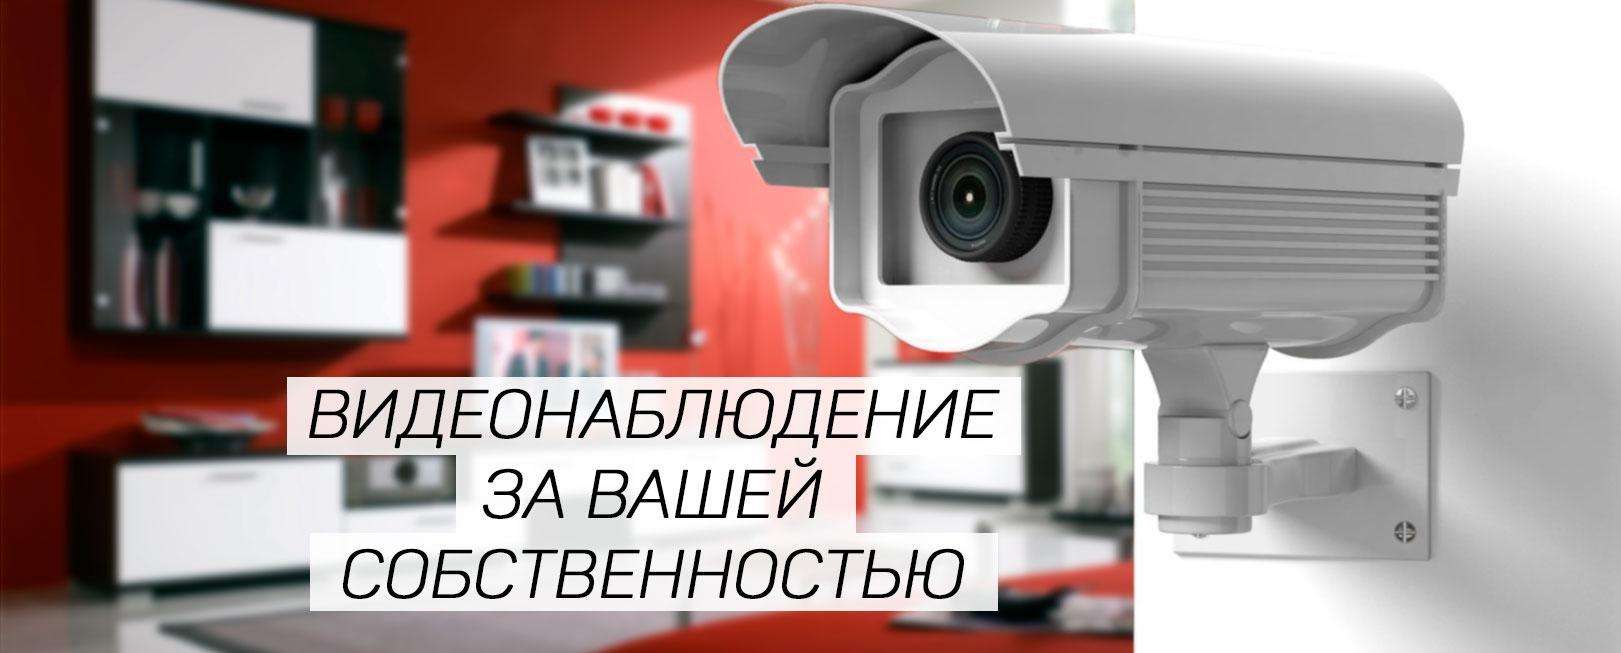 Посмотреть видео с камер видеонаблюдения онлайн